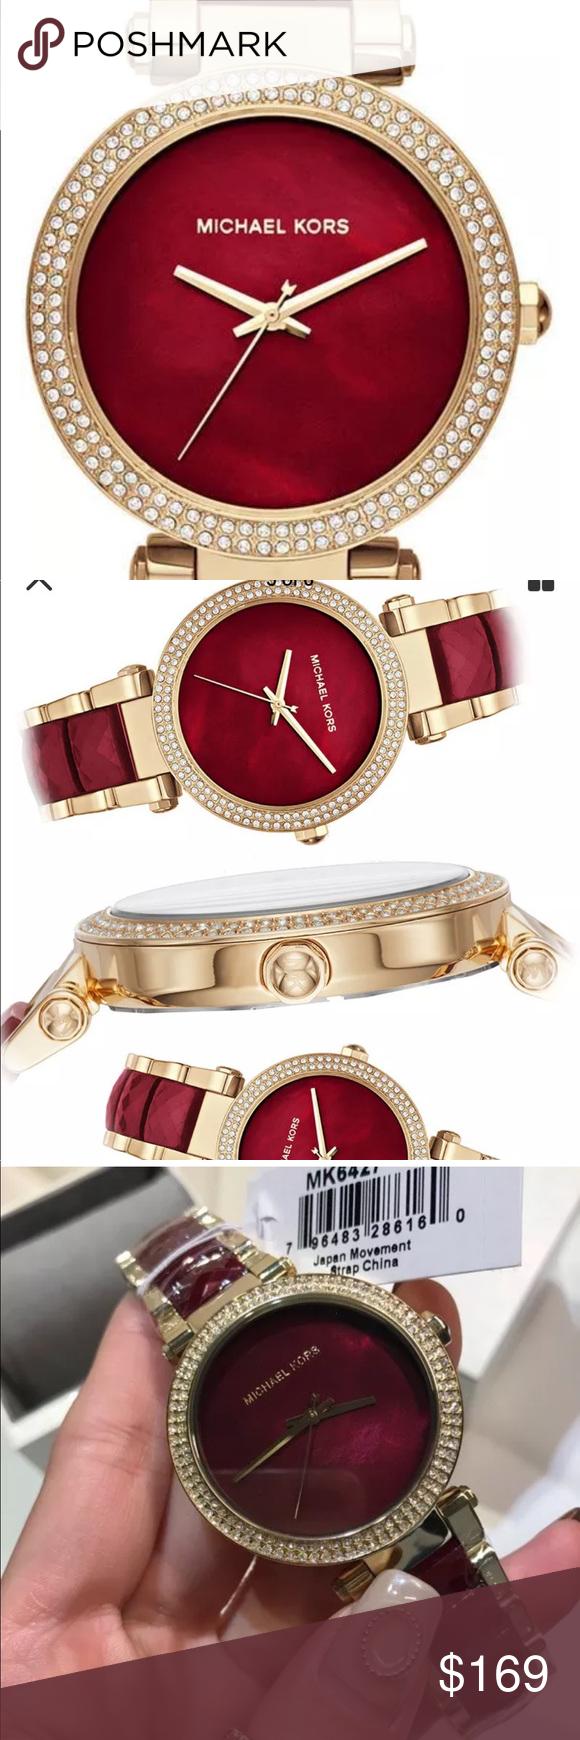 8c365b7da07 Michael Kors MK6427 Parker watch❤ New Michael Kors MK6427 Parker gold   garnet watch beautiful Box included 💕 Michael Kors Accessories Watches